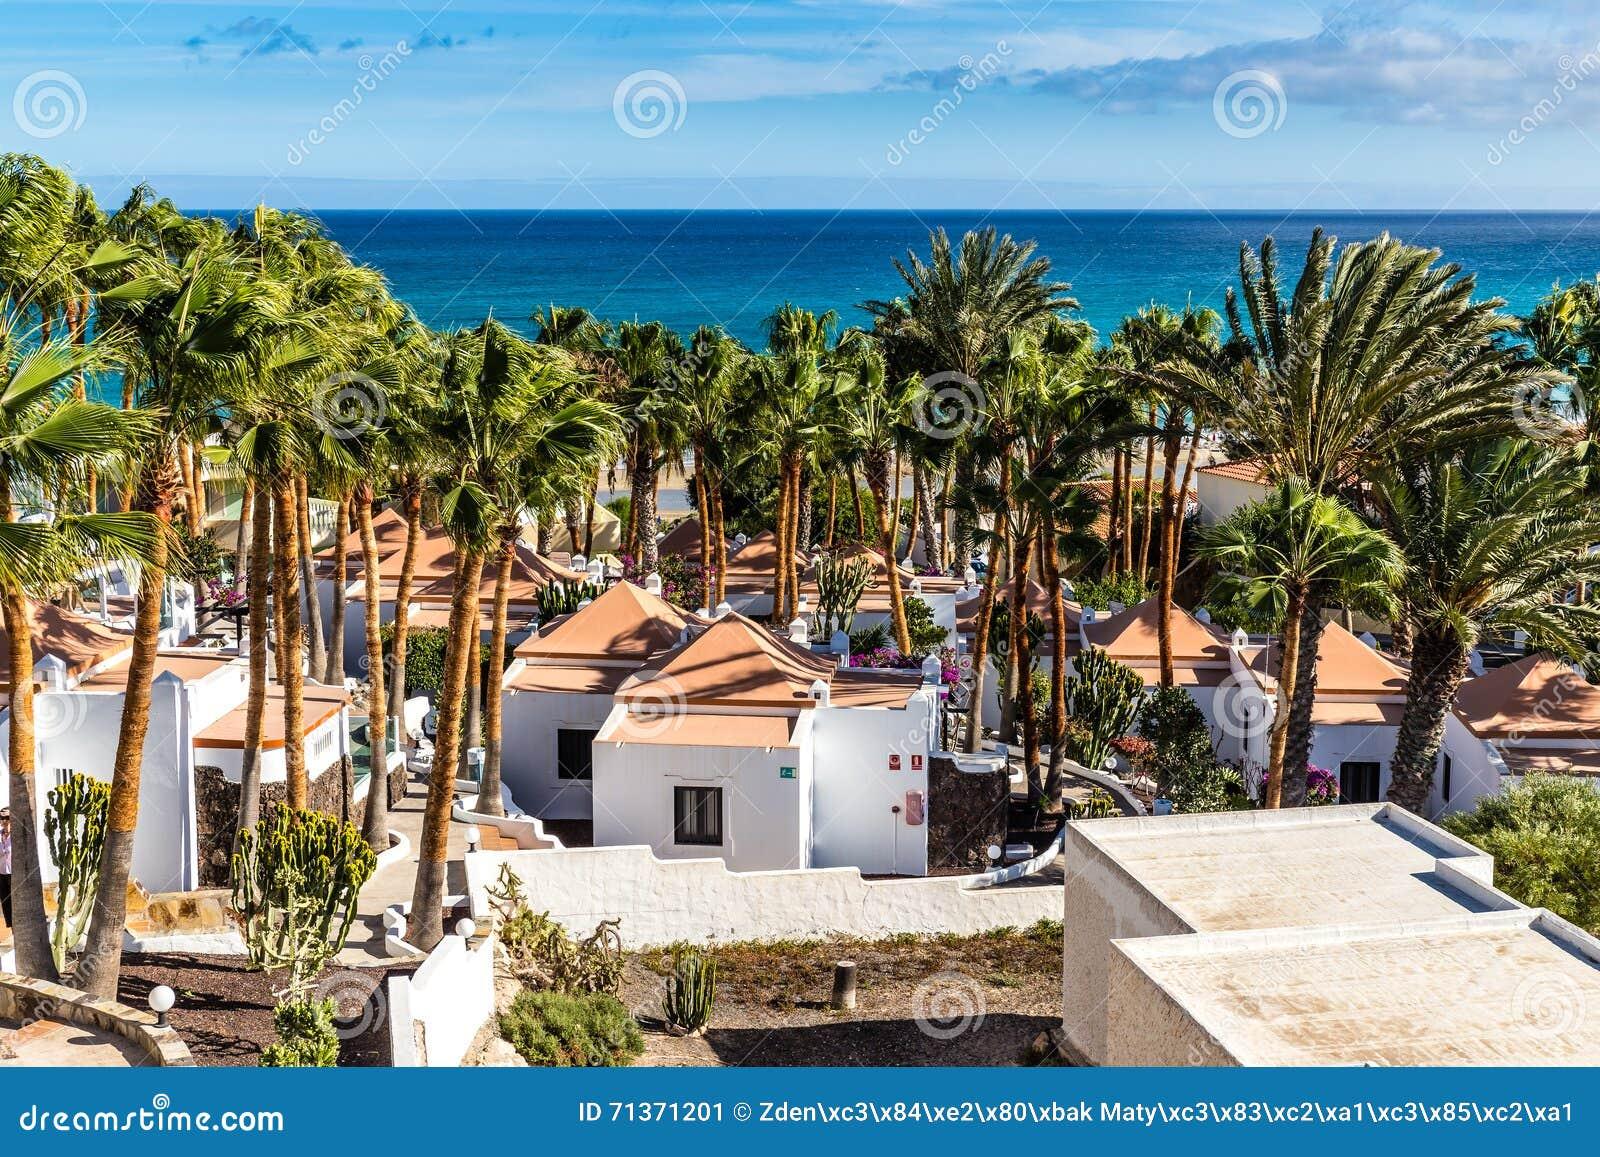 Costa Calma Beach Hotel